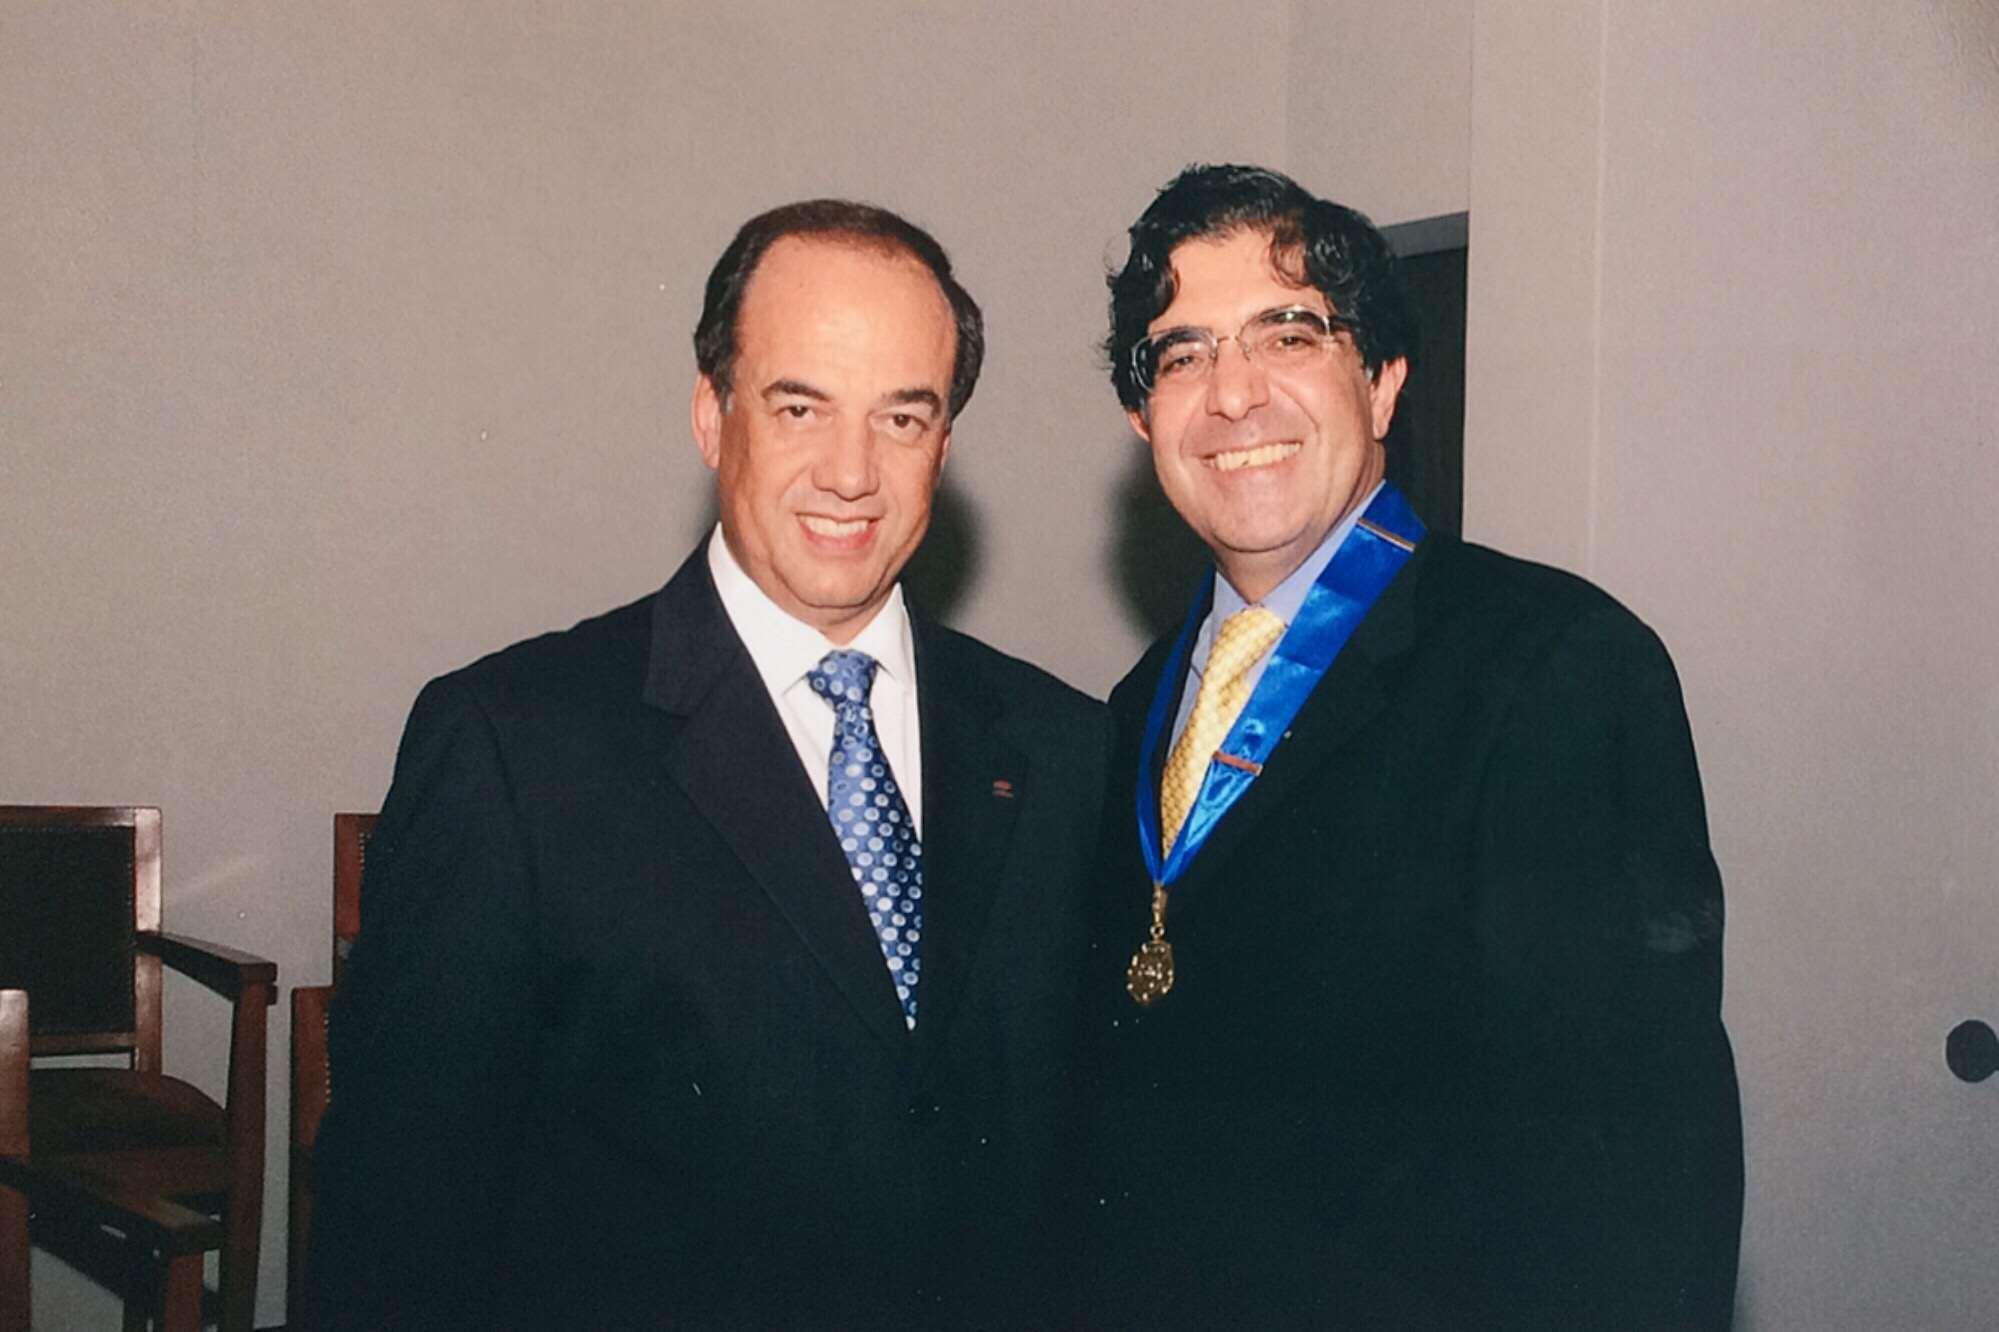 Fotos avulsas – Mauro e Penteado